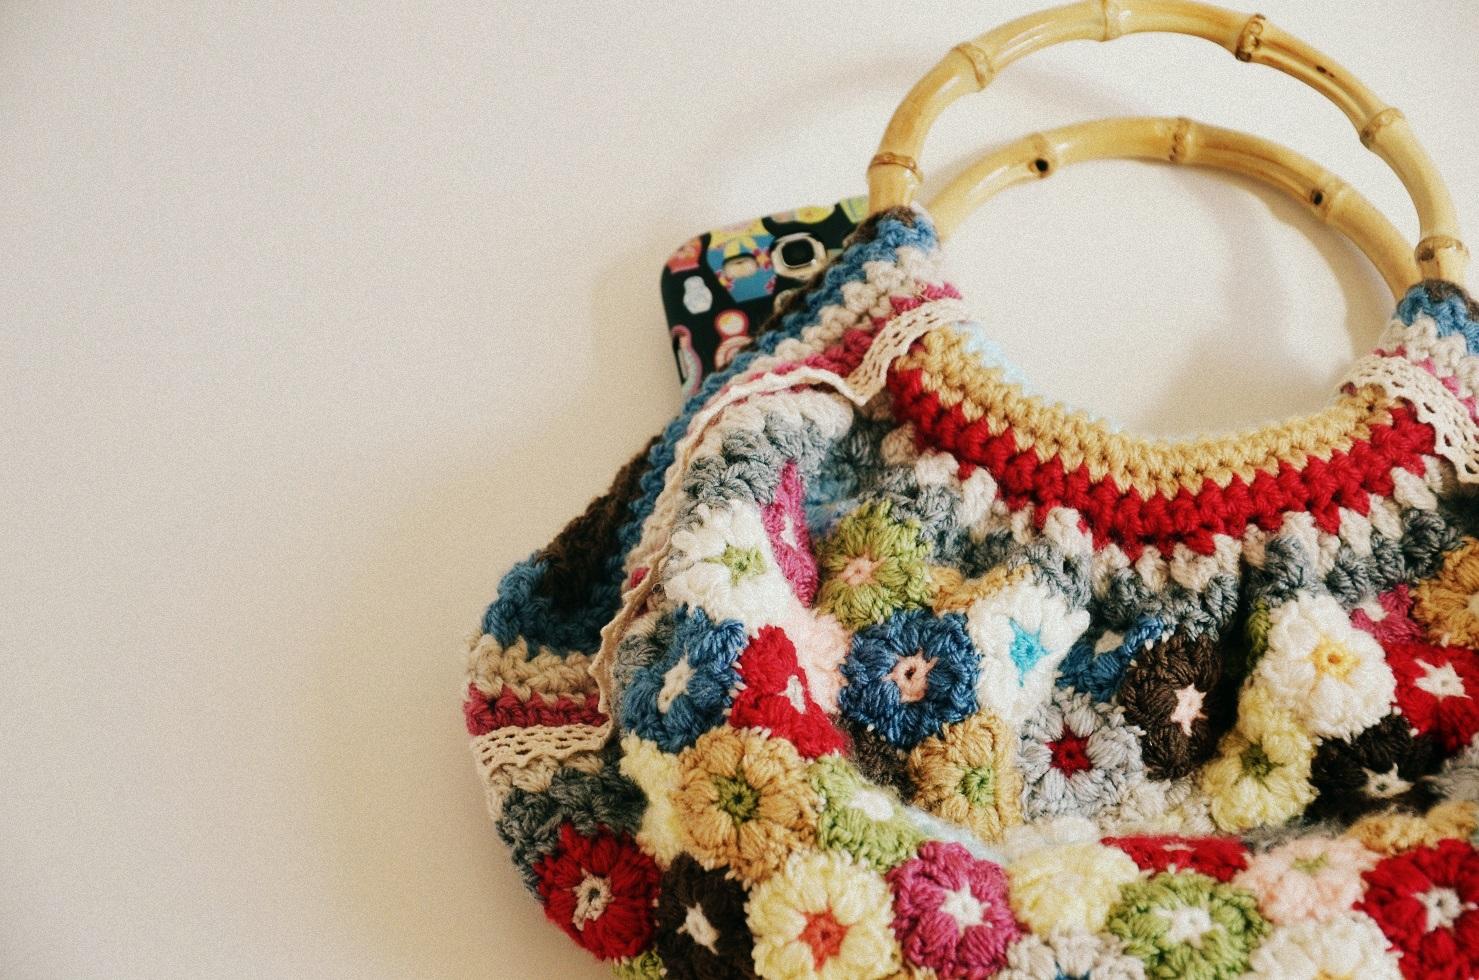 Crochet Bag Tutorial Zig Zag Puff Stitch Purse - The Ayi